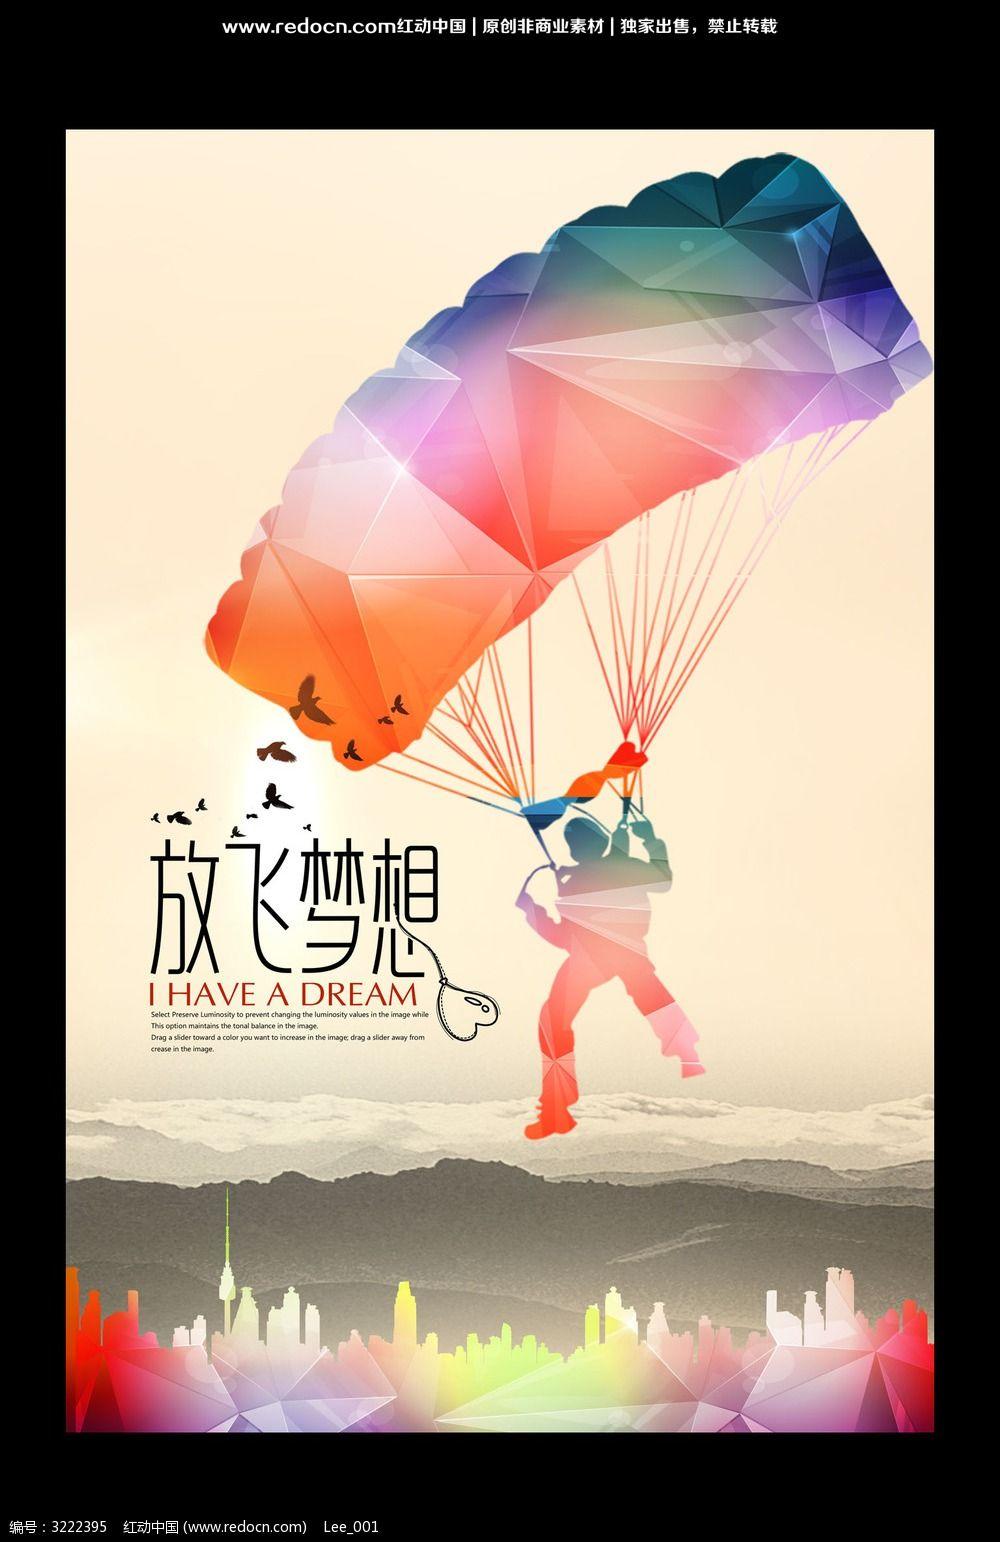 放飞梦想创意海报PSD素材下载 编号3222395 红动网图片